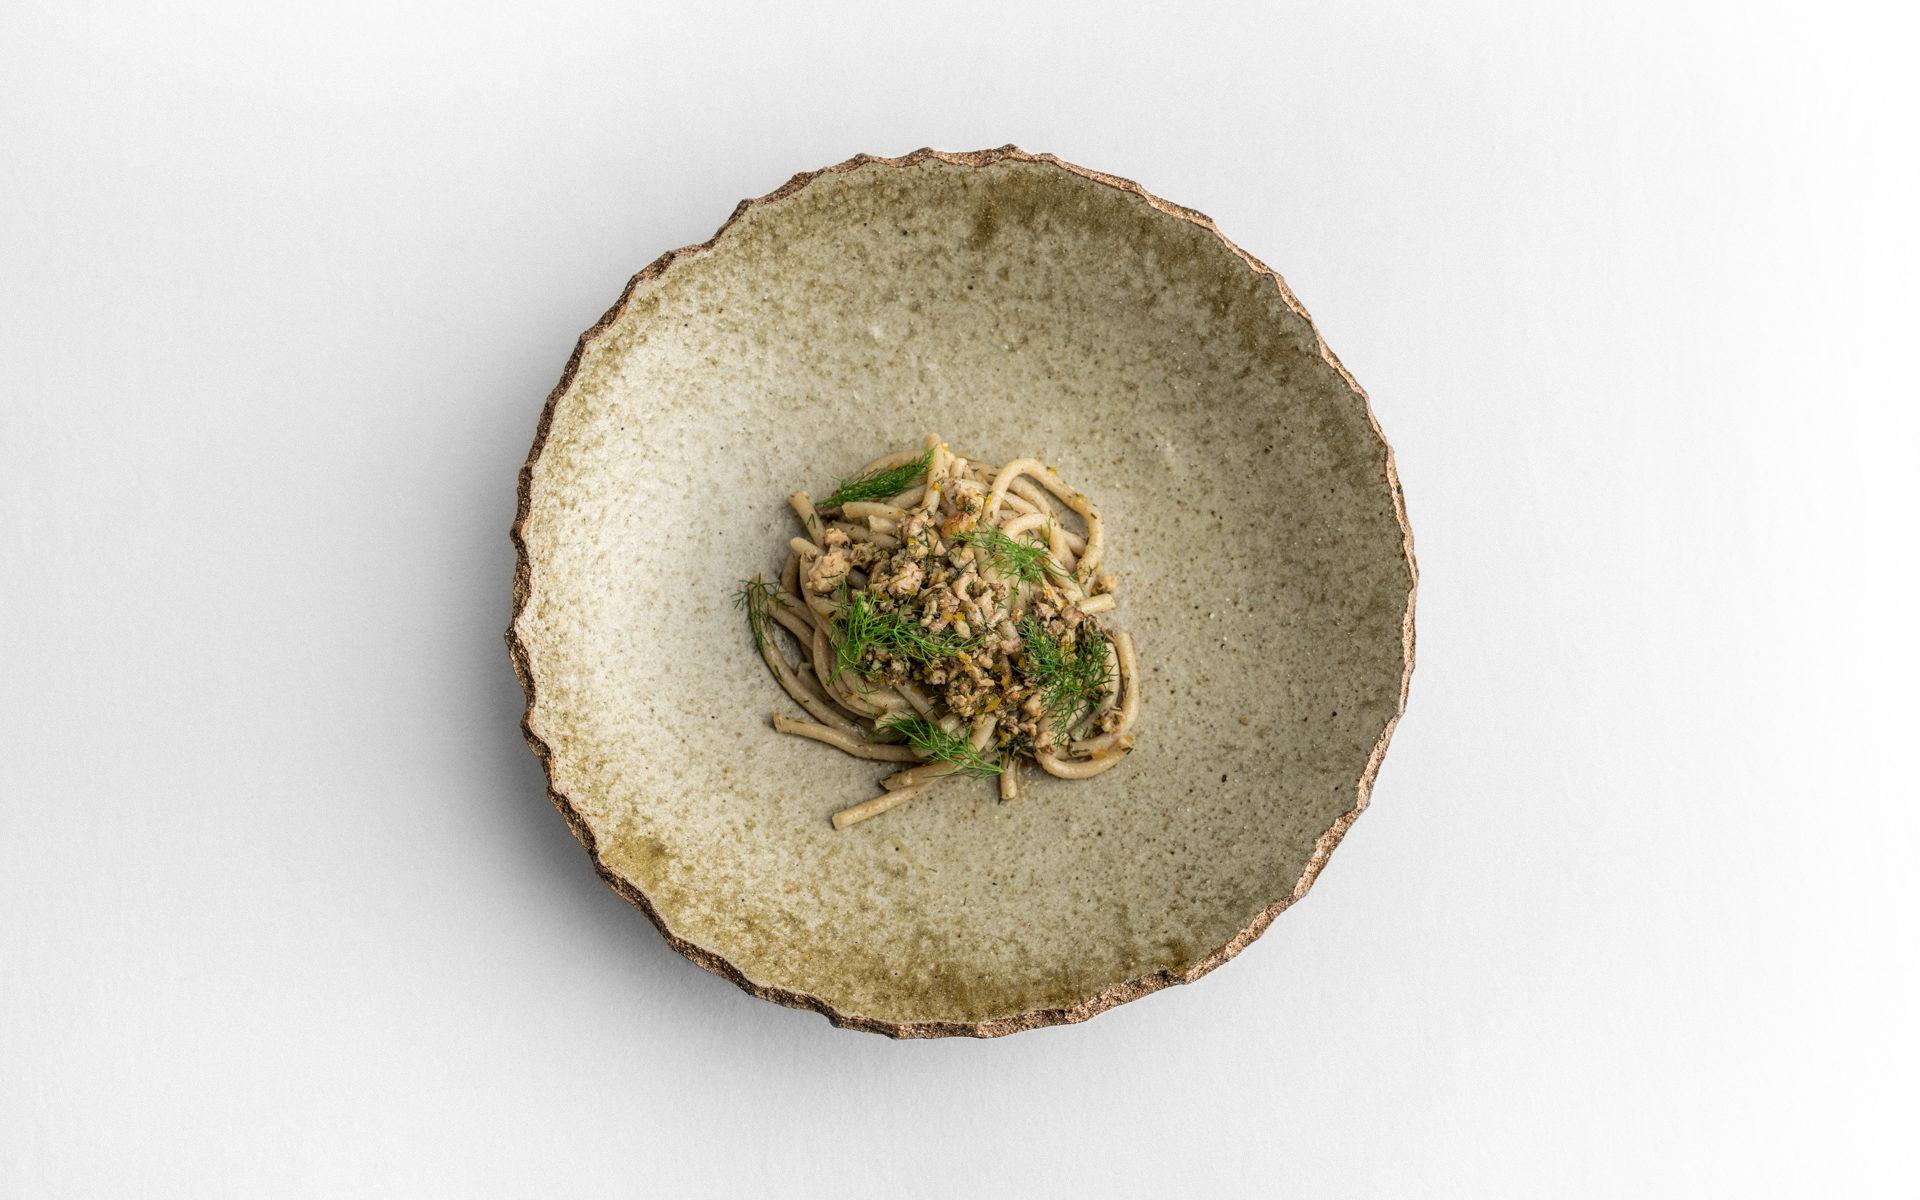 Pici grano Senatore Cappelli Podere San Bartolomeo con ragù di coniglio in porchetta, infoodfamily